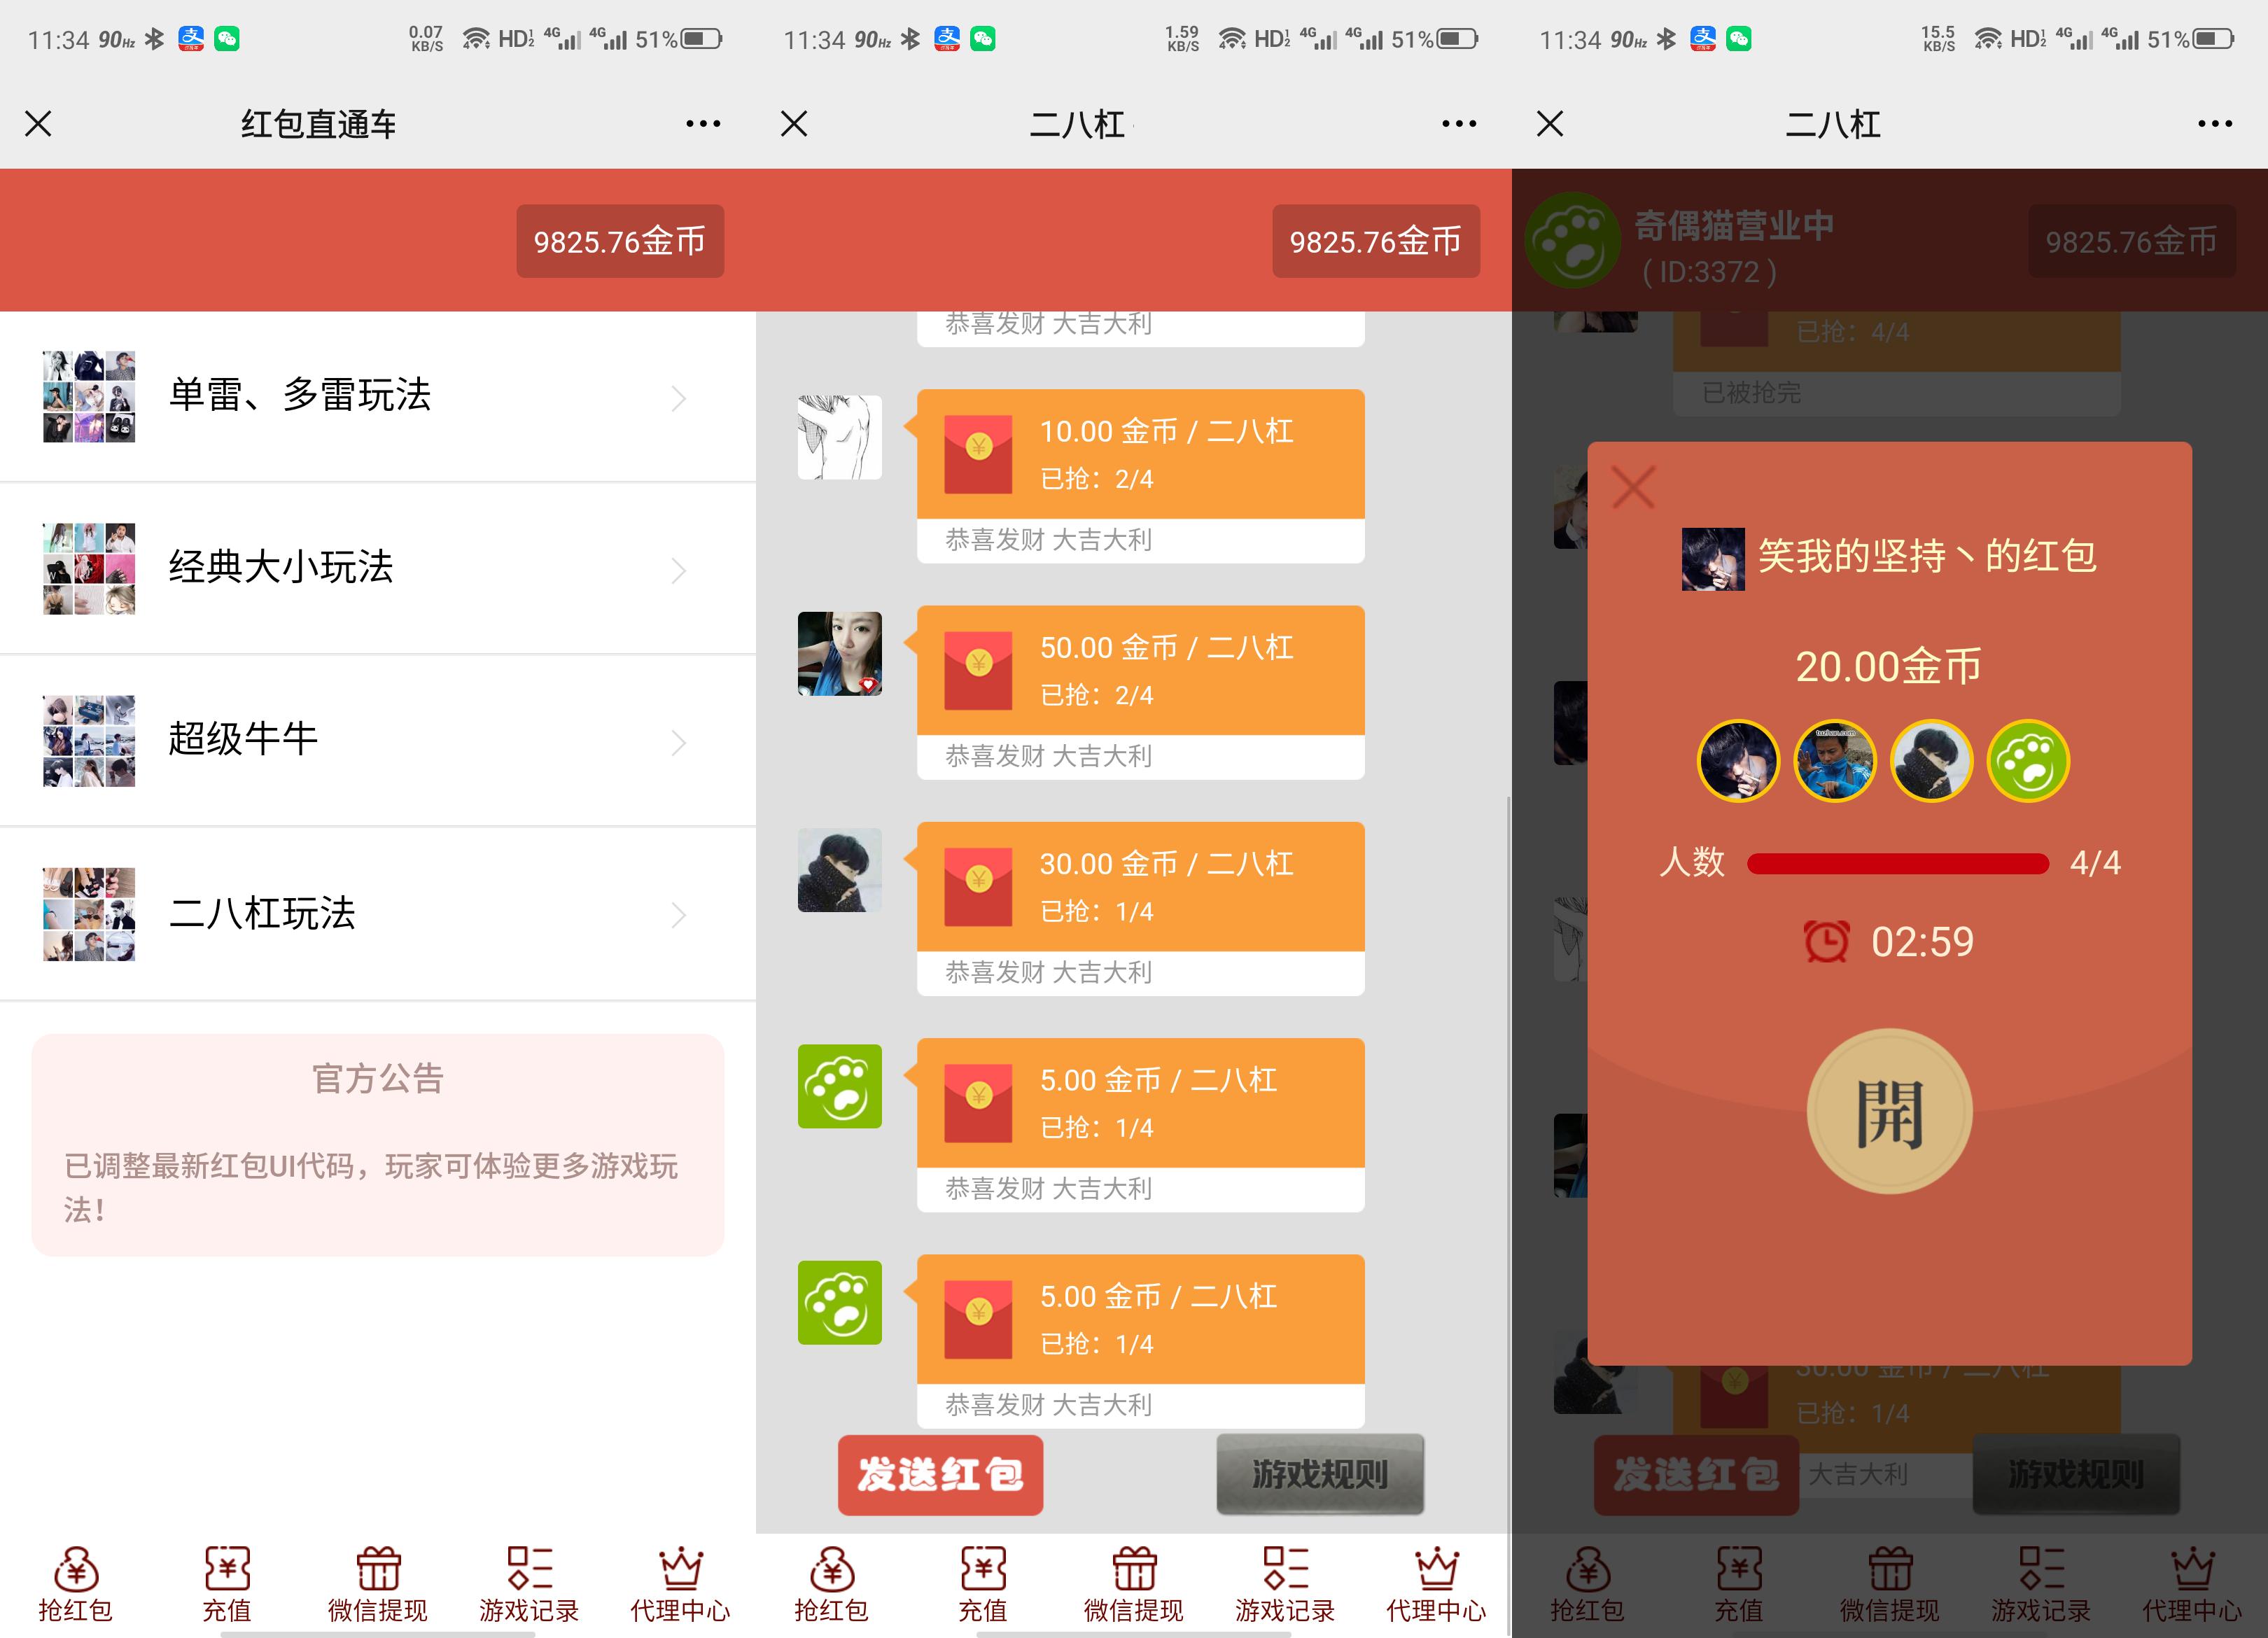 亲测丨红包大战5.0版本游戏源码下载 微信H5游戏源码下载